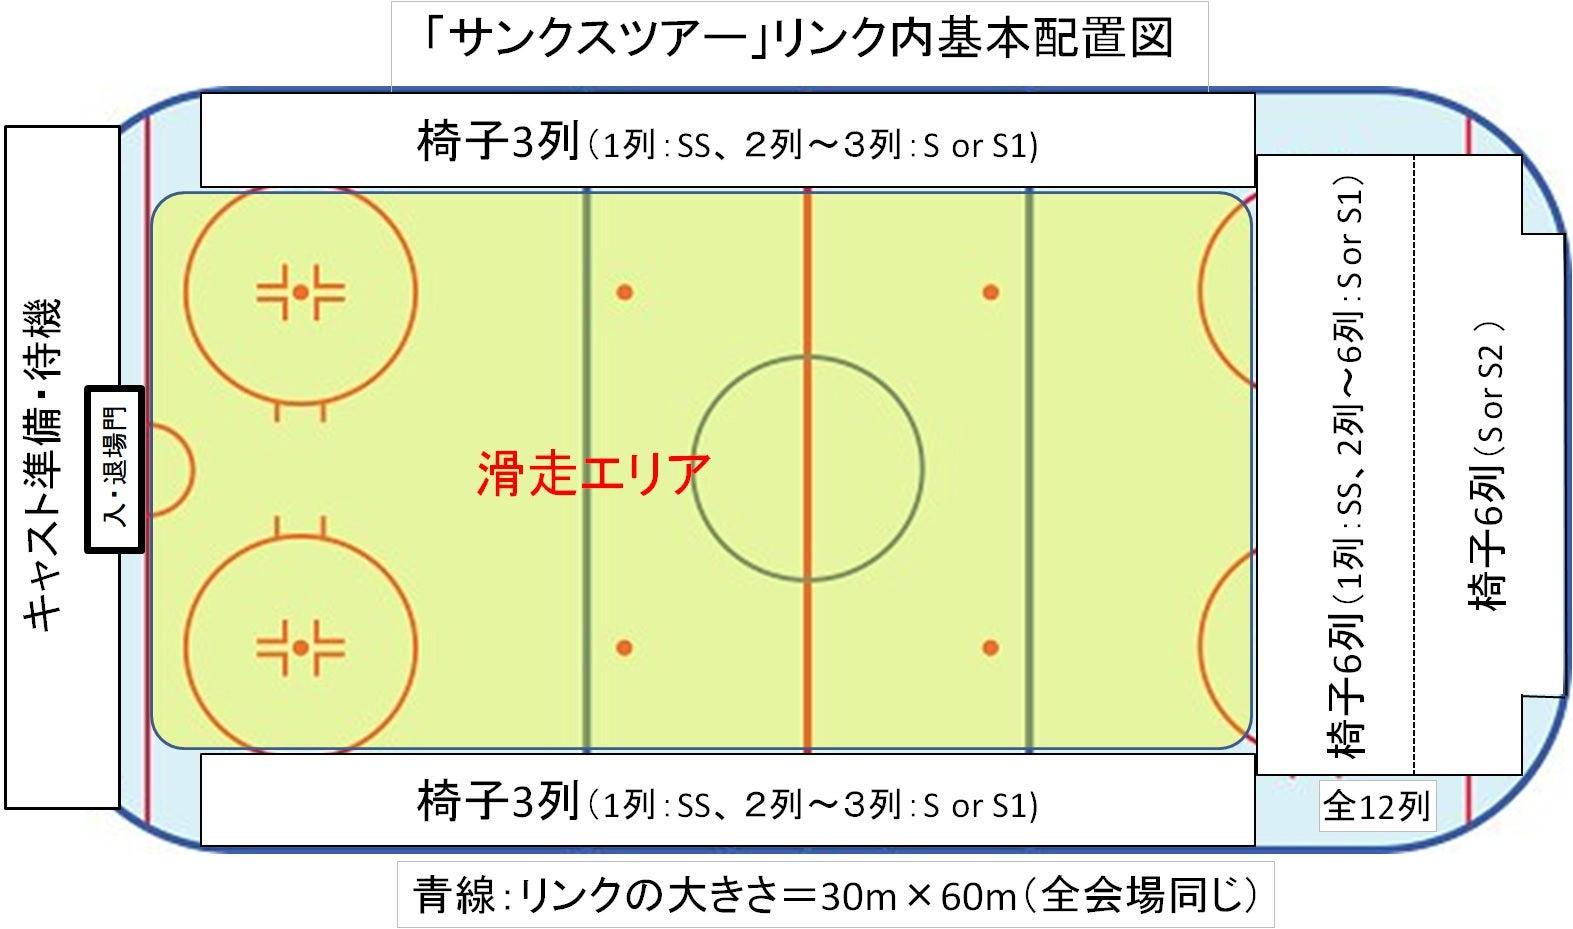 浅田 真央 サンクス ツアー 2020 島根